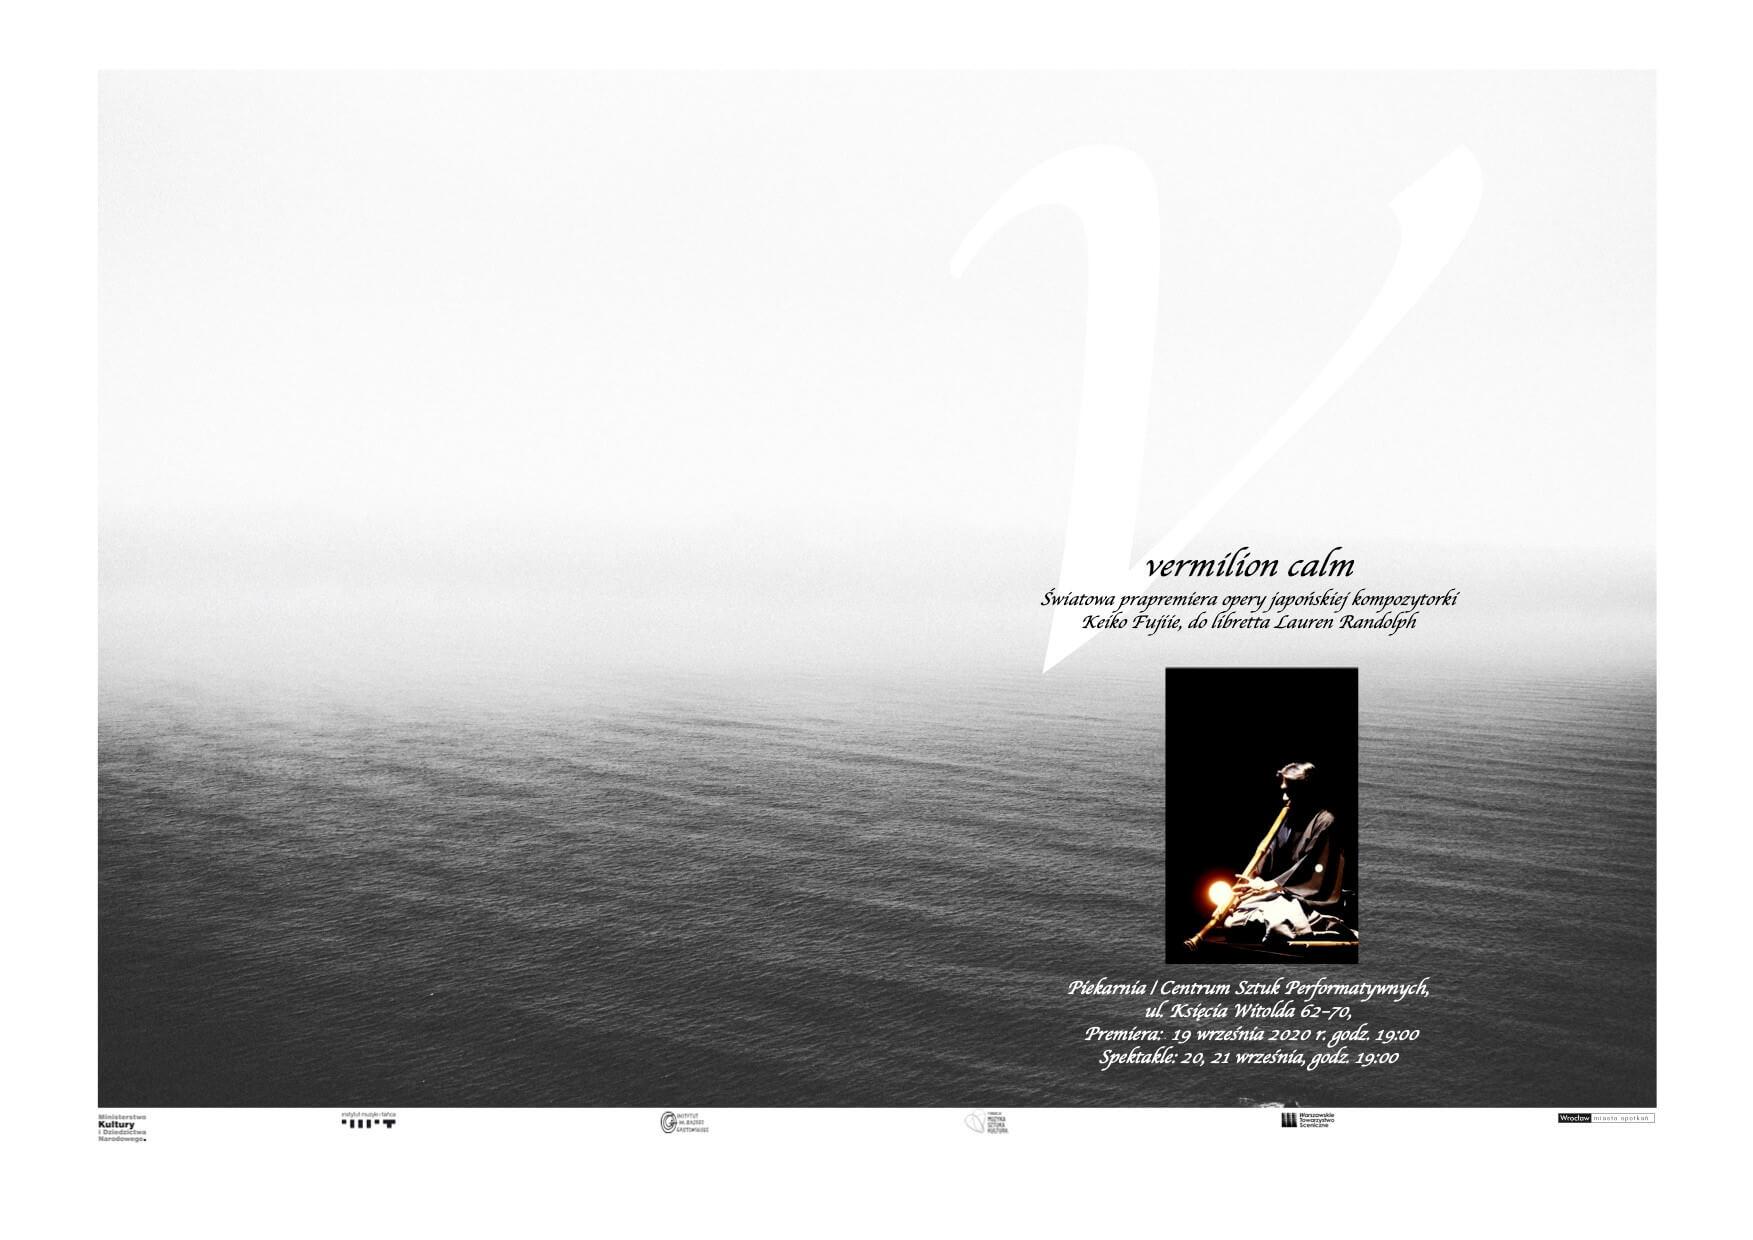 Vermilion Calm – Opera japońskiej kompozytorki Keiko Fujiie